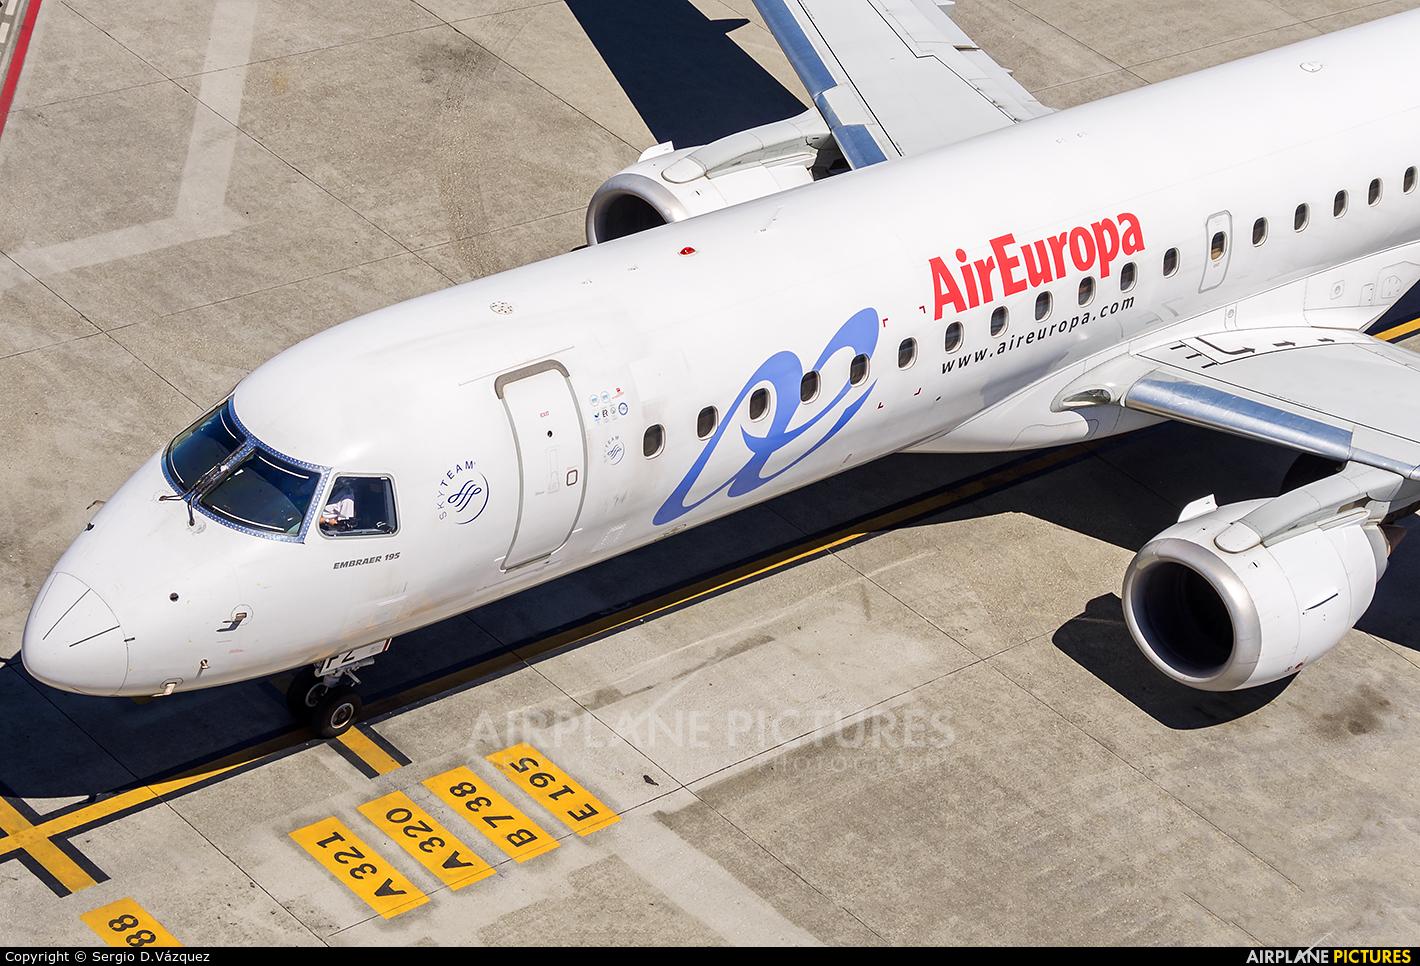 Air Europa EC-LFZ aircraft at La Coruña